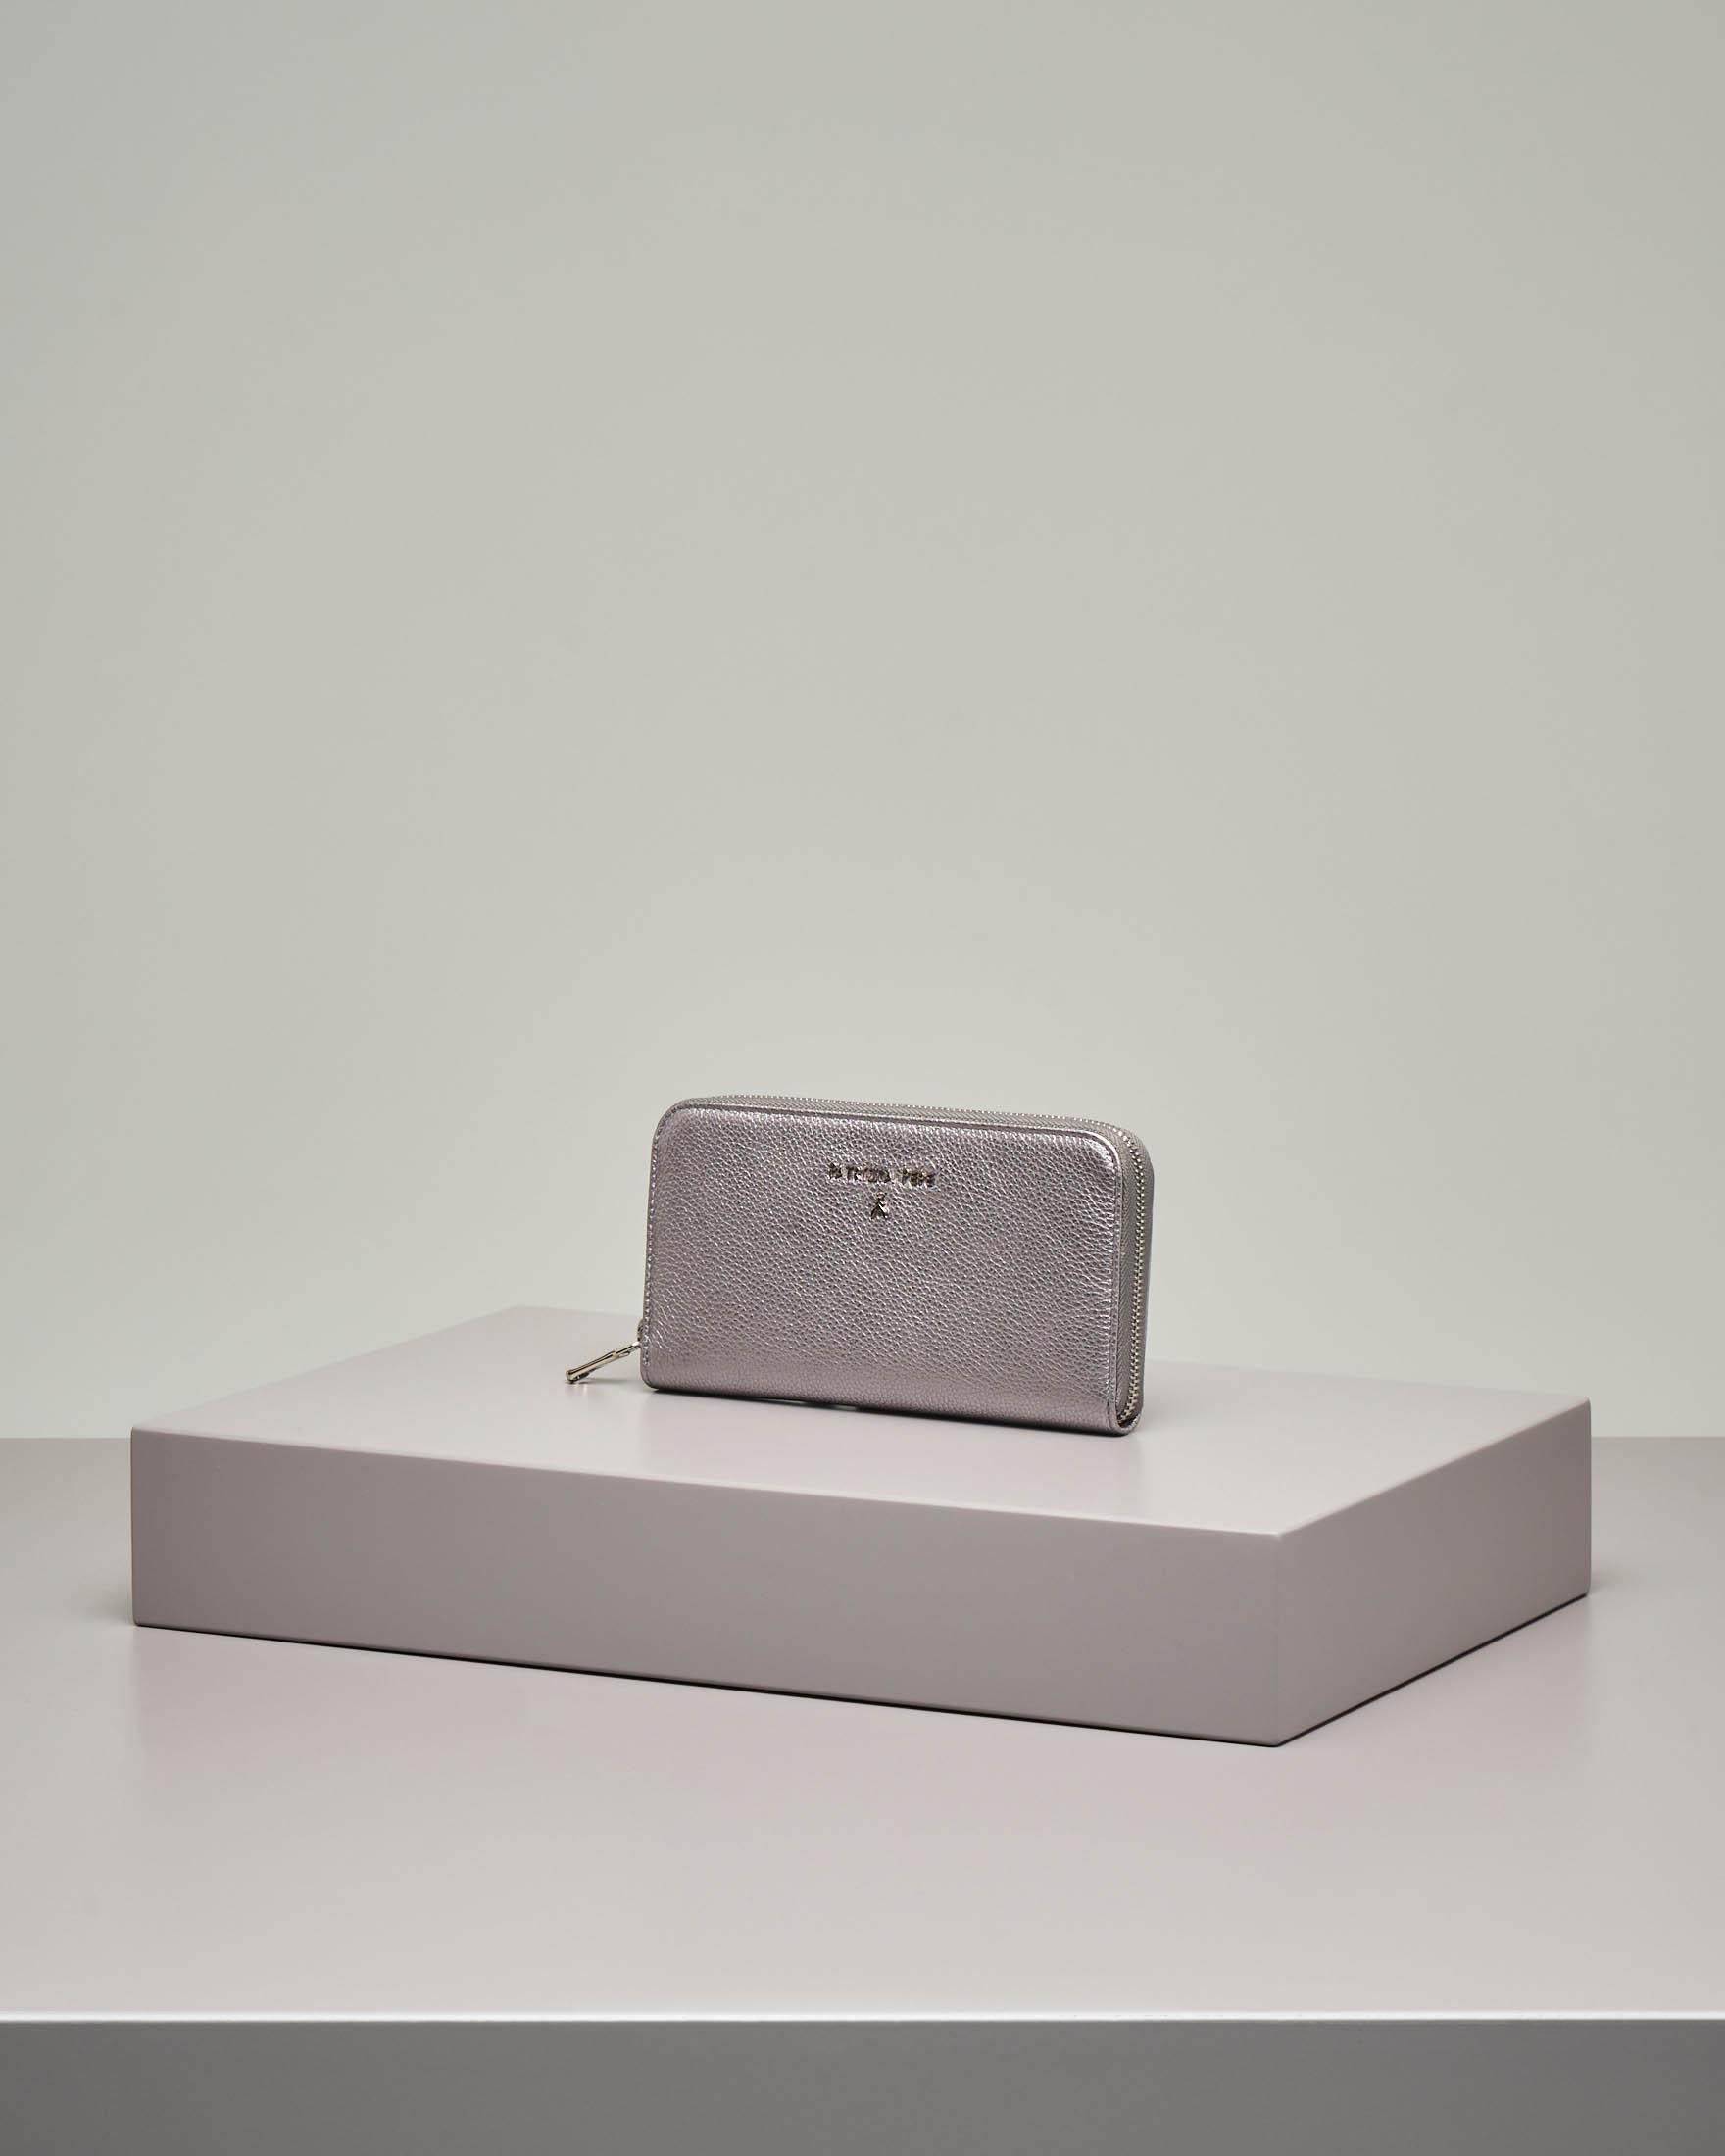 Portafoglio color argento in pelle effetto martellato con chiusura a cerniera misura grande